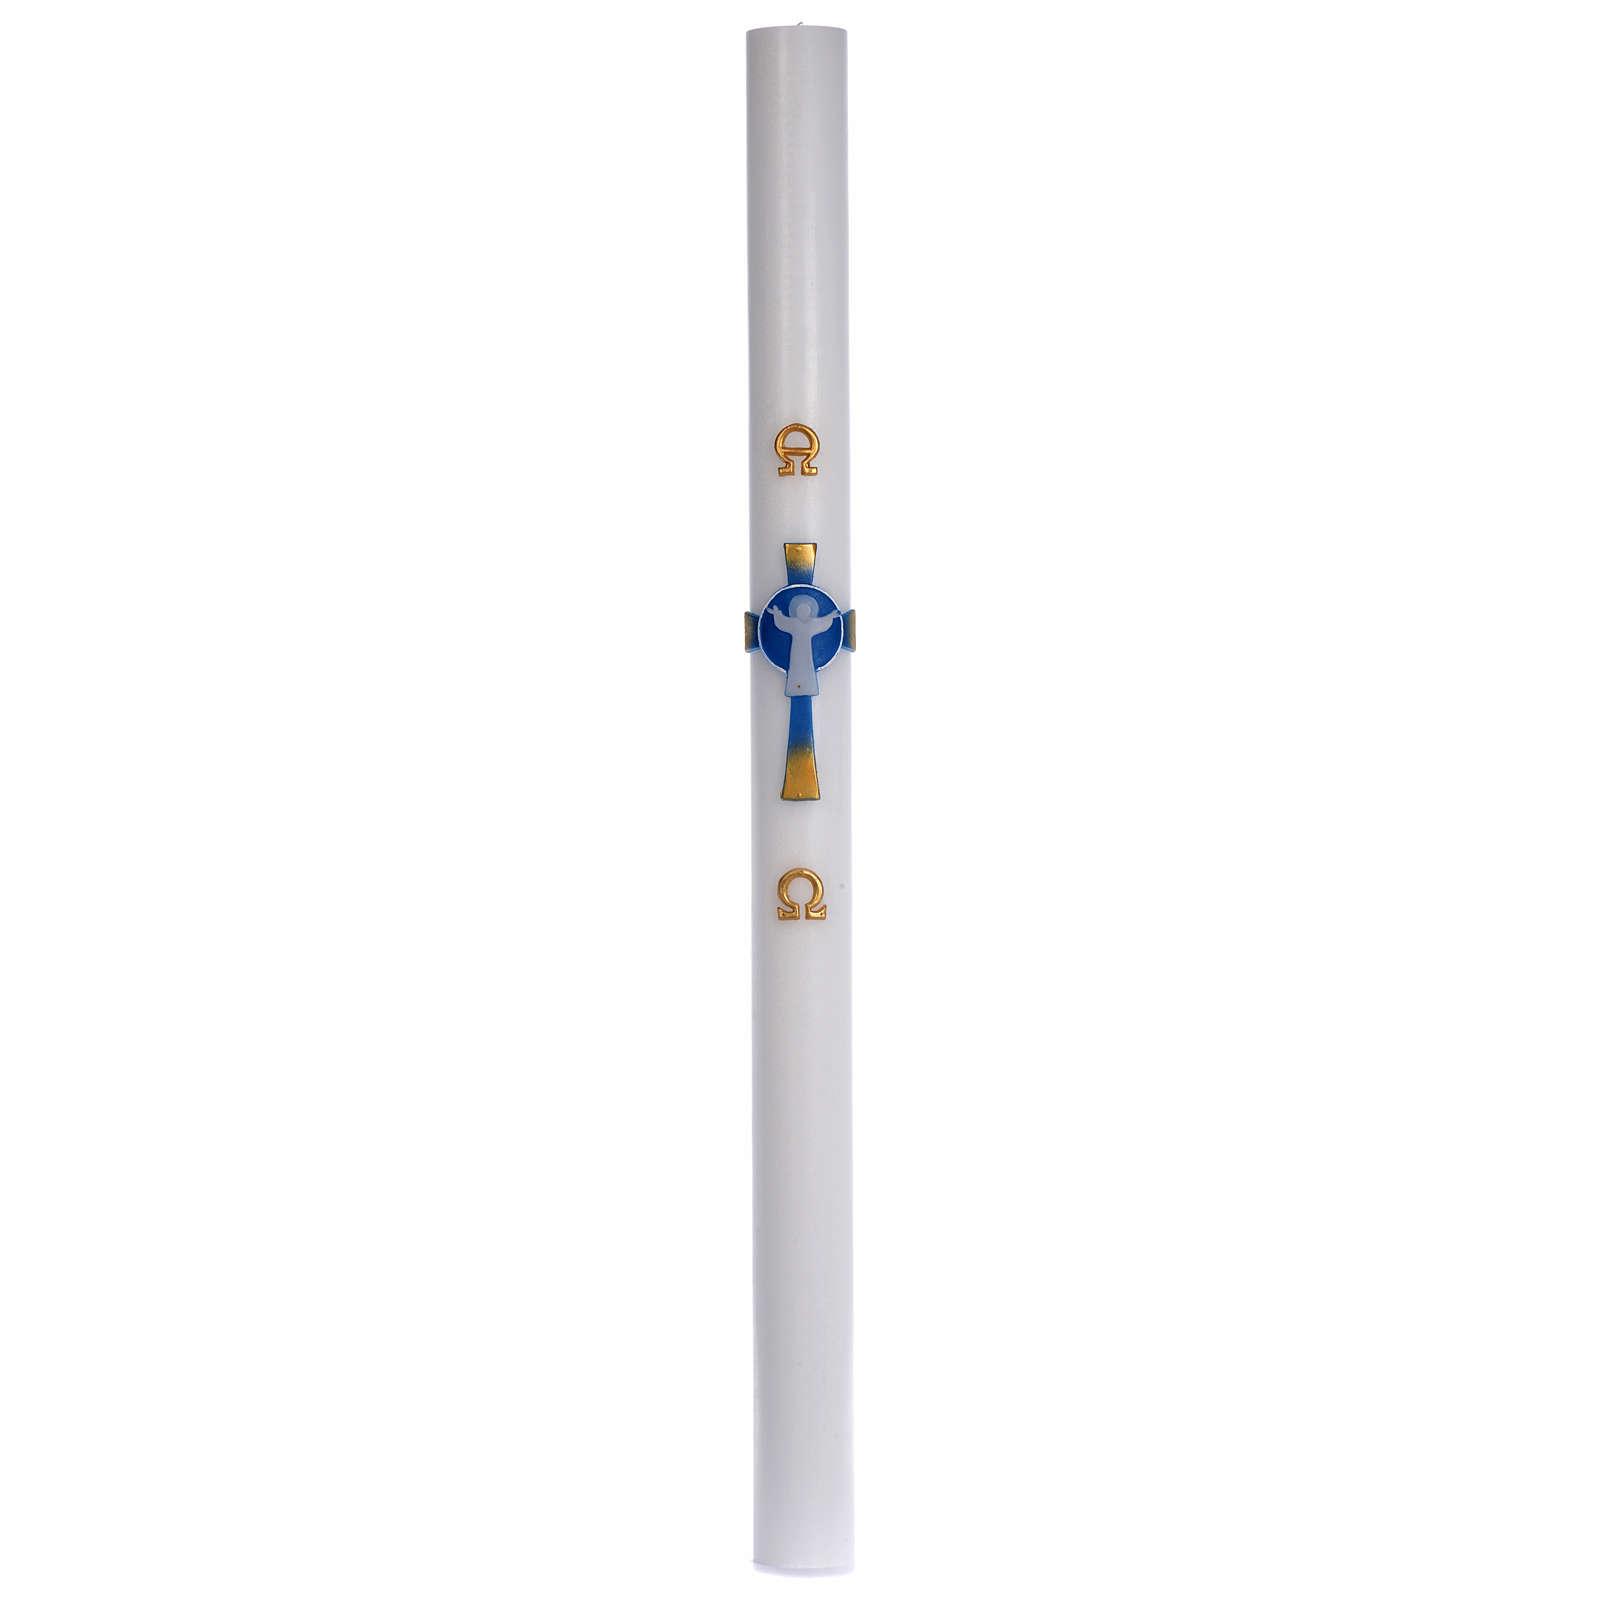 Cero pasquale cera bianca Croce Risorto azzurro 8x120 cm 3